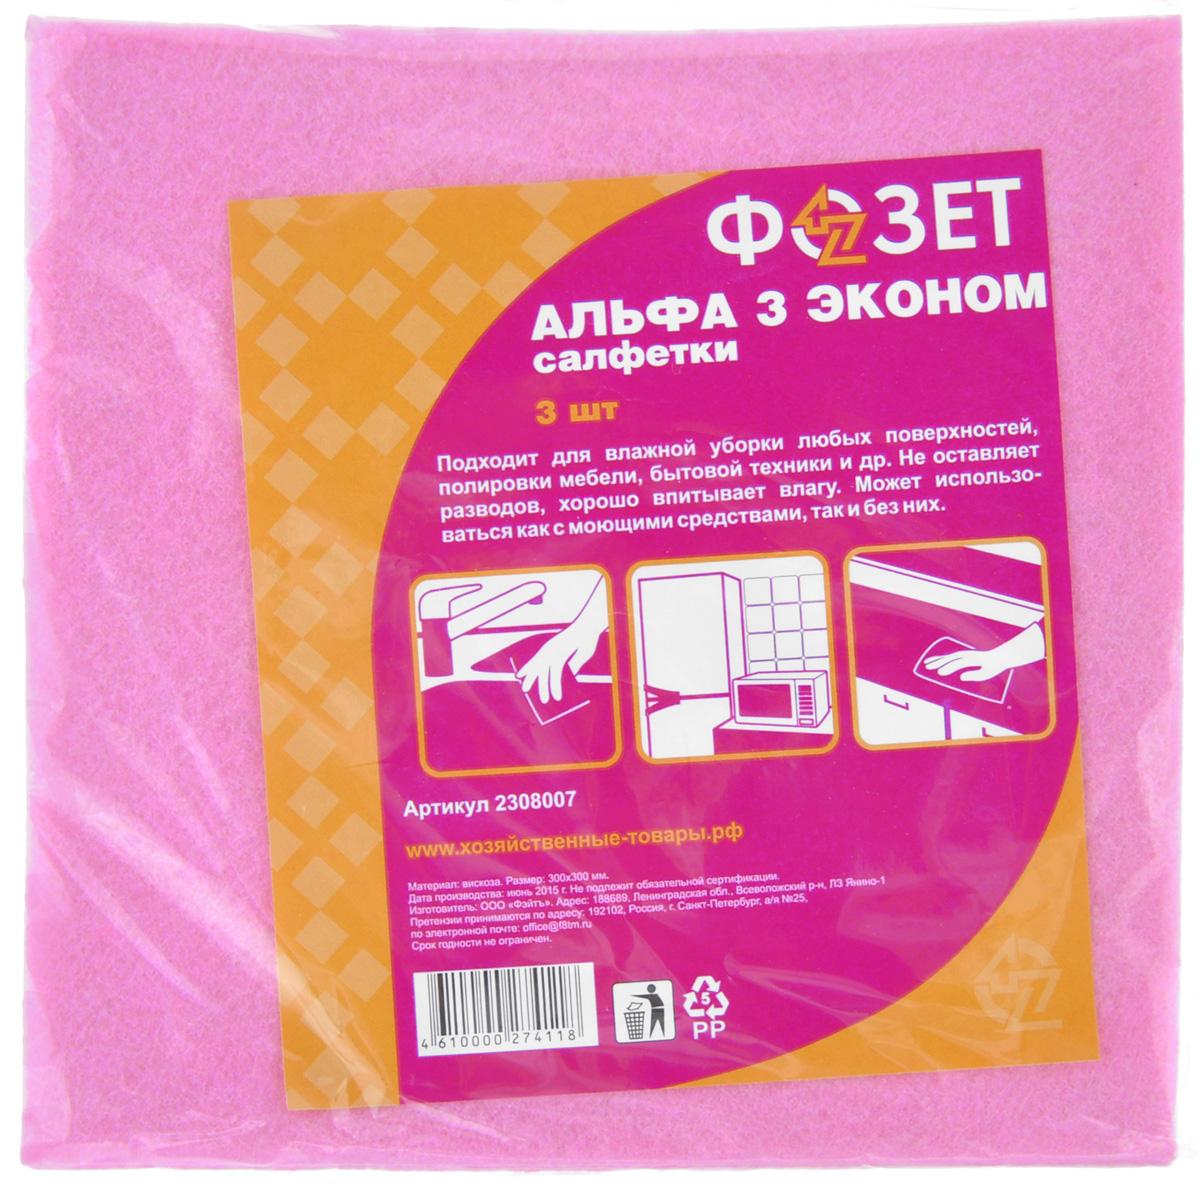 Салфетка универсальная Фозет Альфа-3, цвет: розовый, 30 х 30 см, 3 шт2308007_розовыйУниверсальные салфетки Альфа-3 ЭКОНОМ предназначены для влажной уборки поверхностей, полировки мебели, бытовой техники. Выполнены из высококачественной вискозы. Салфетки не оставляют разводов и хорошо впитывают влагу. Могут использоваться как с моющими средствами, так и без них.